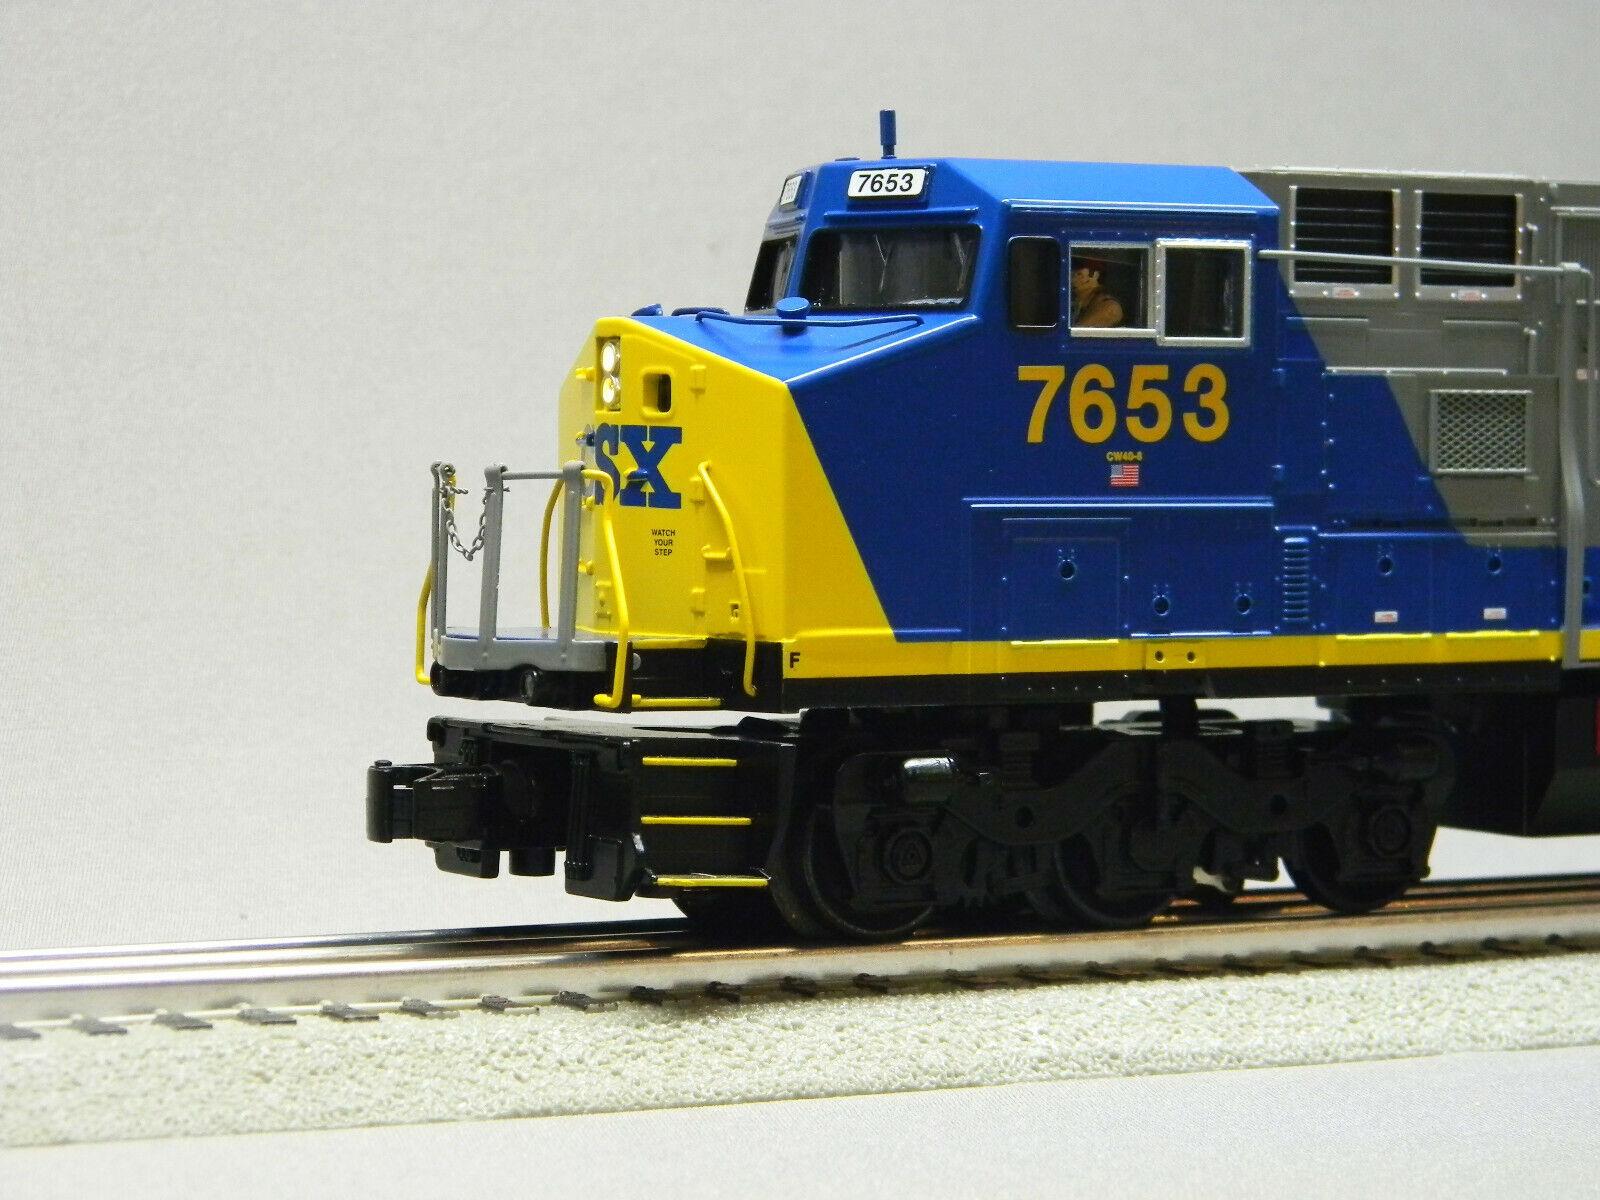 MTH RAIL KING CSX DASH 8 DIESEL ENGINE 7653 7653 7653 PredO 3 O GAUGE 30-20558-1 train NEW e02757